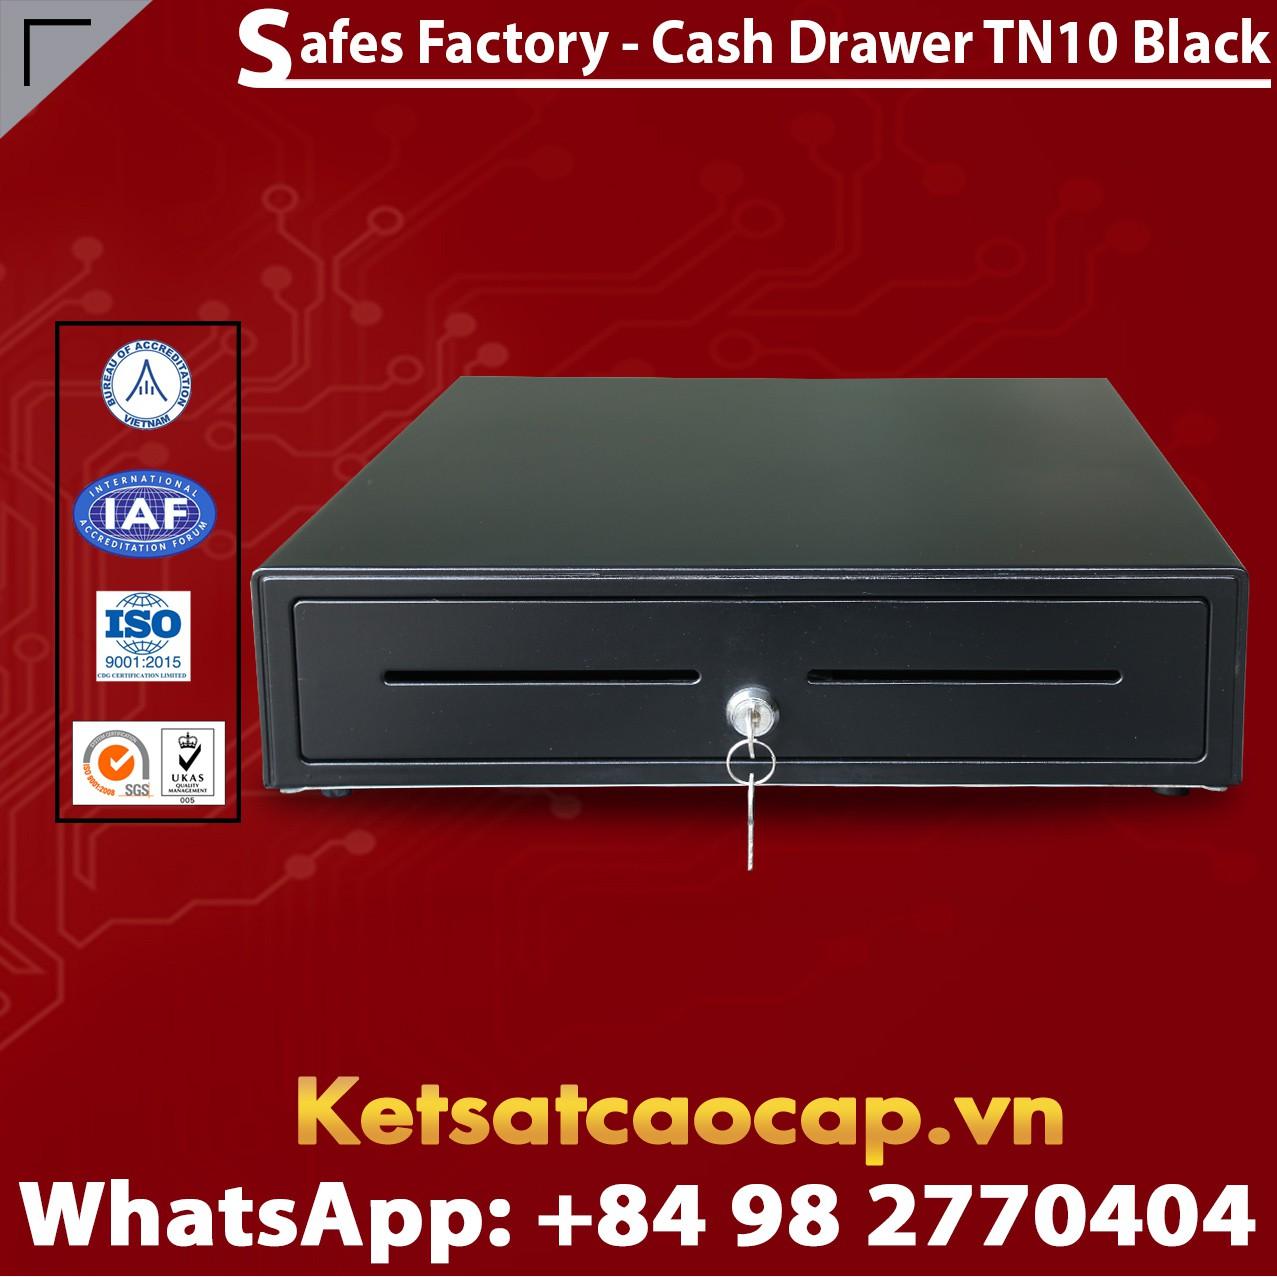 Cash Drawer WELKO TN10